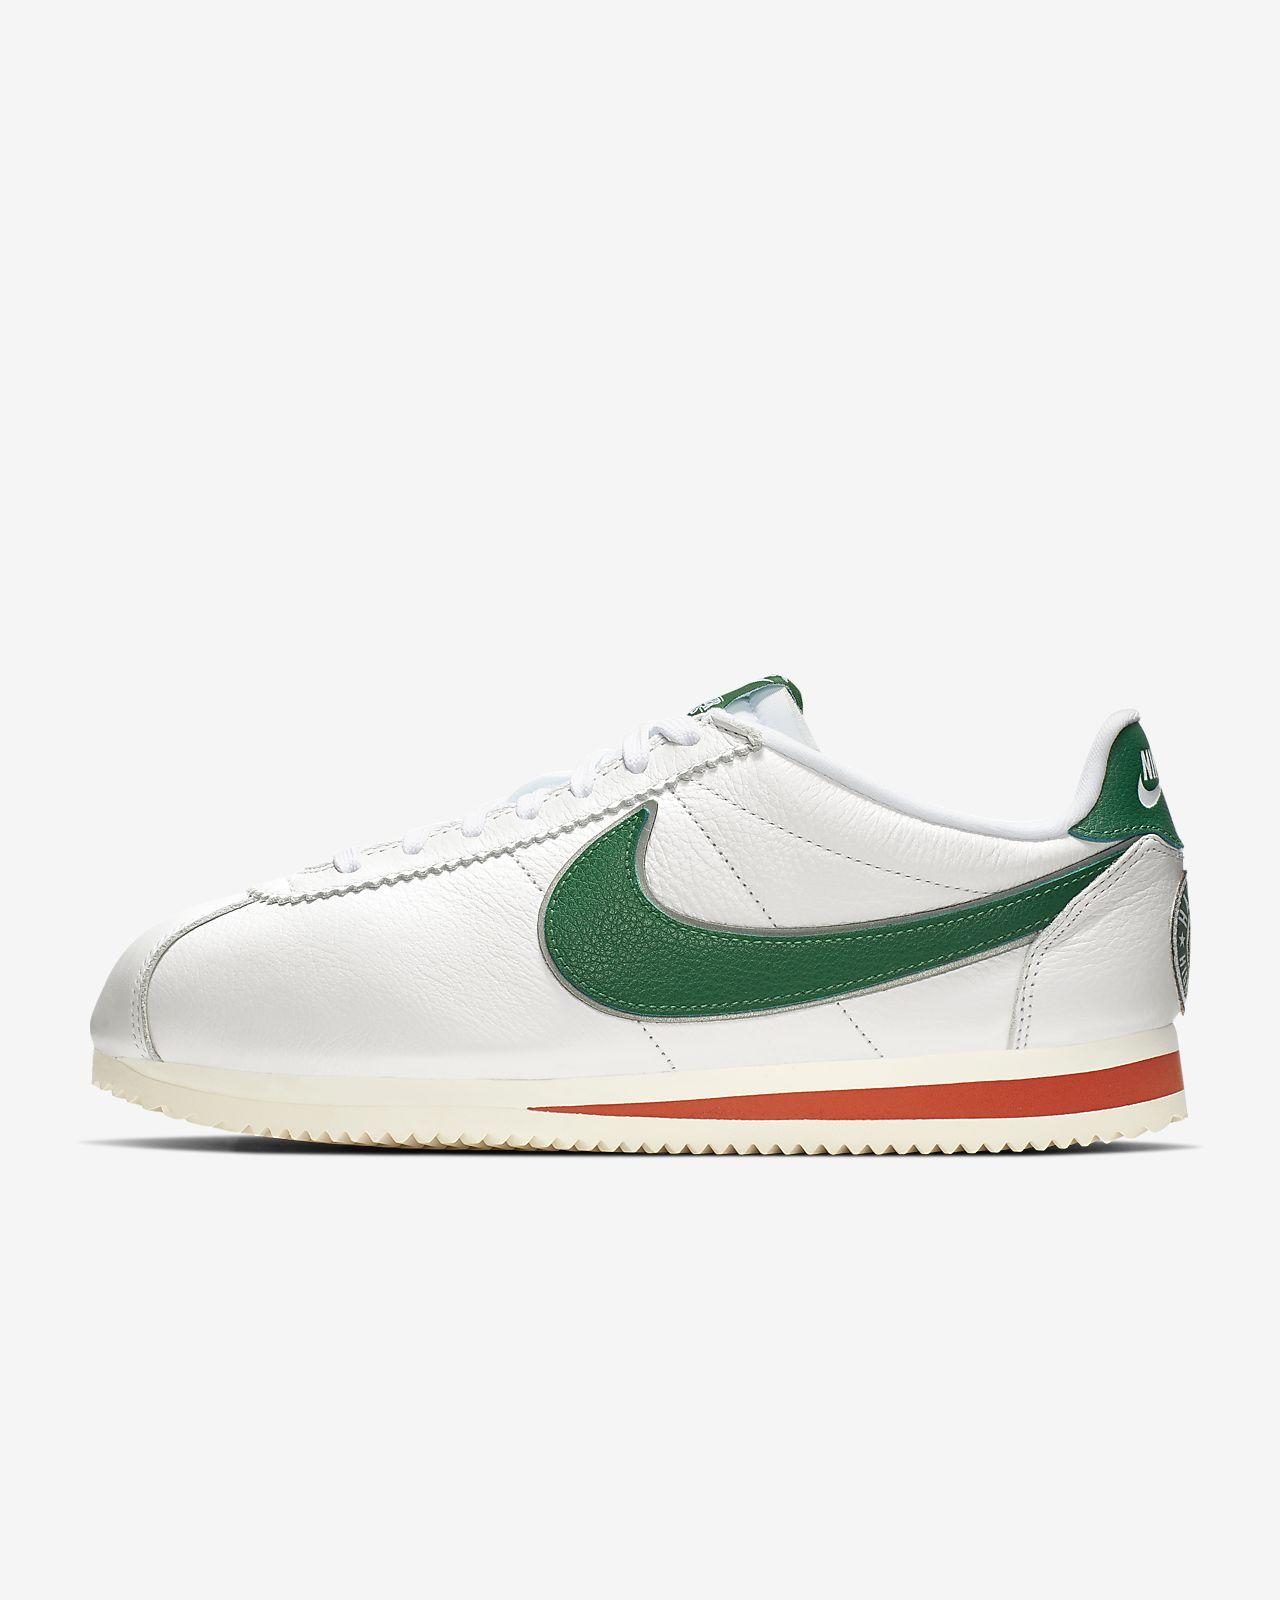 รองเท้าผู้ชาย Nike x Hawkins High Cortez